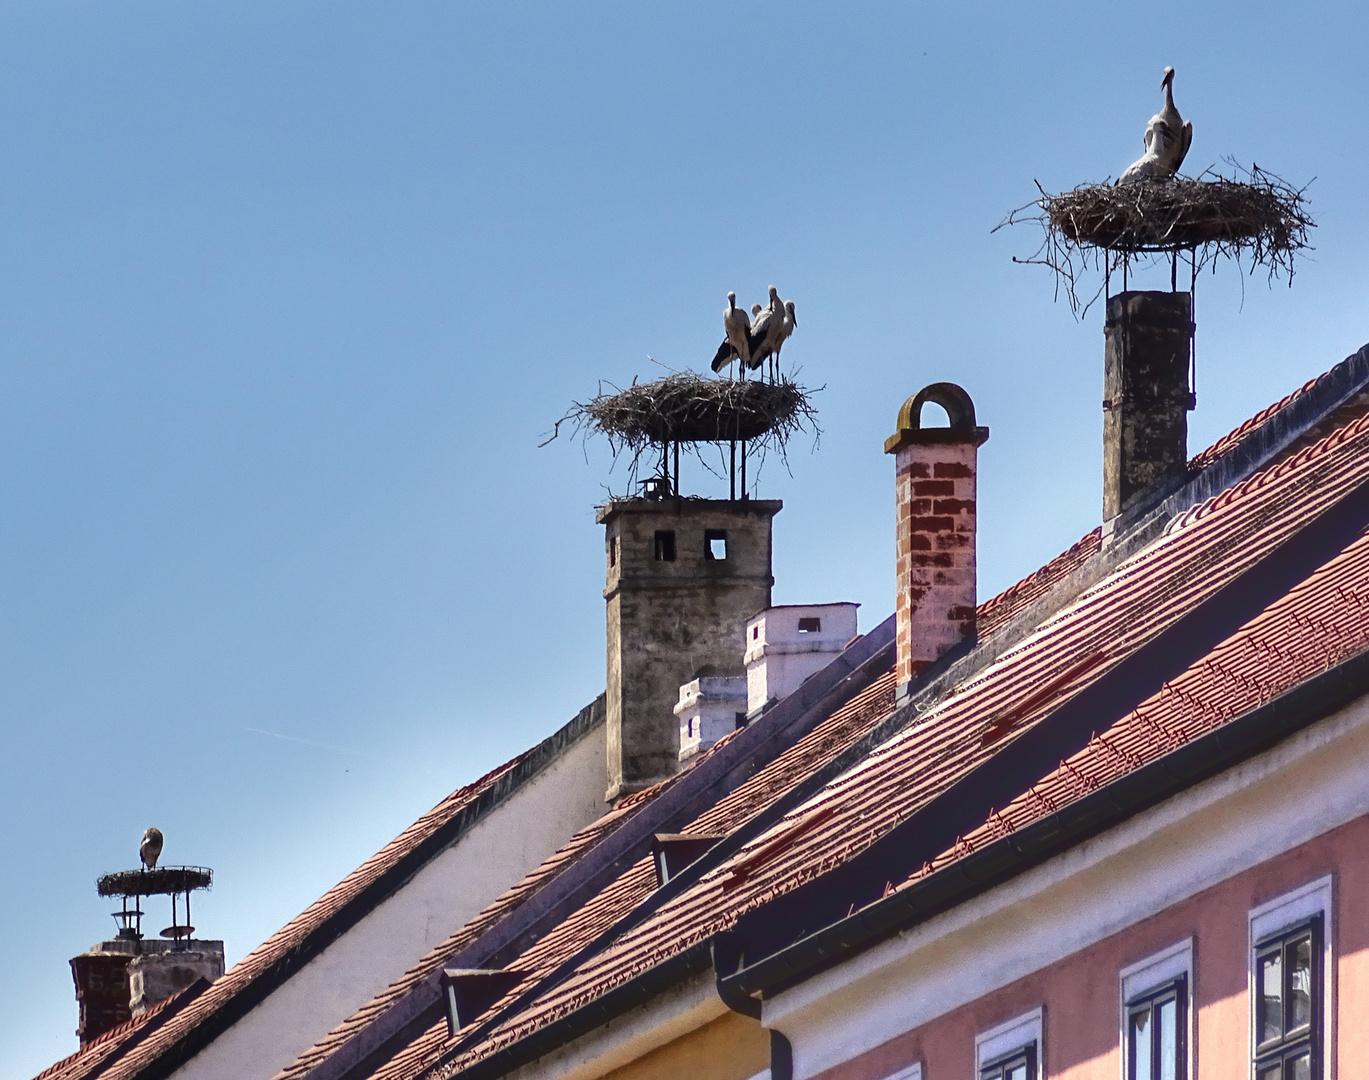 Rust neusiedlersee störche  Rust - Stadt der Störche Foto & Bild | world, österreich, vögel ...